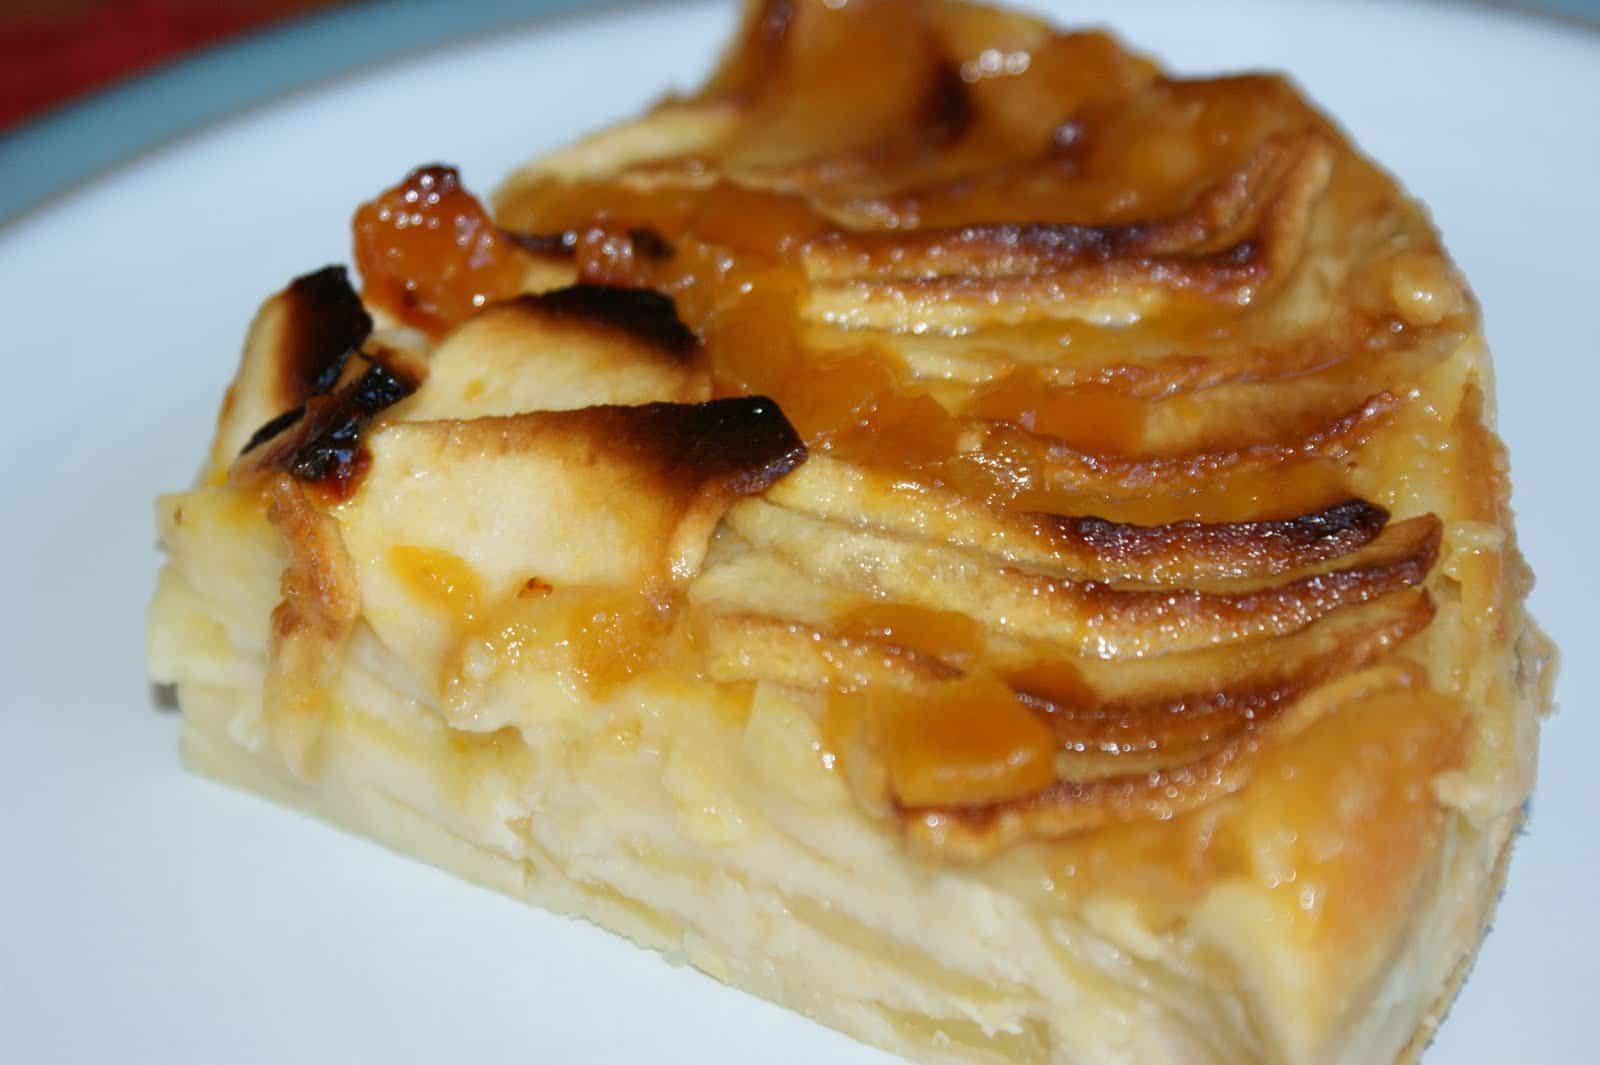 Receta de tarta de manzana y crema